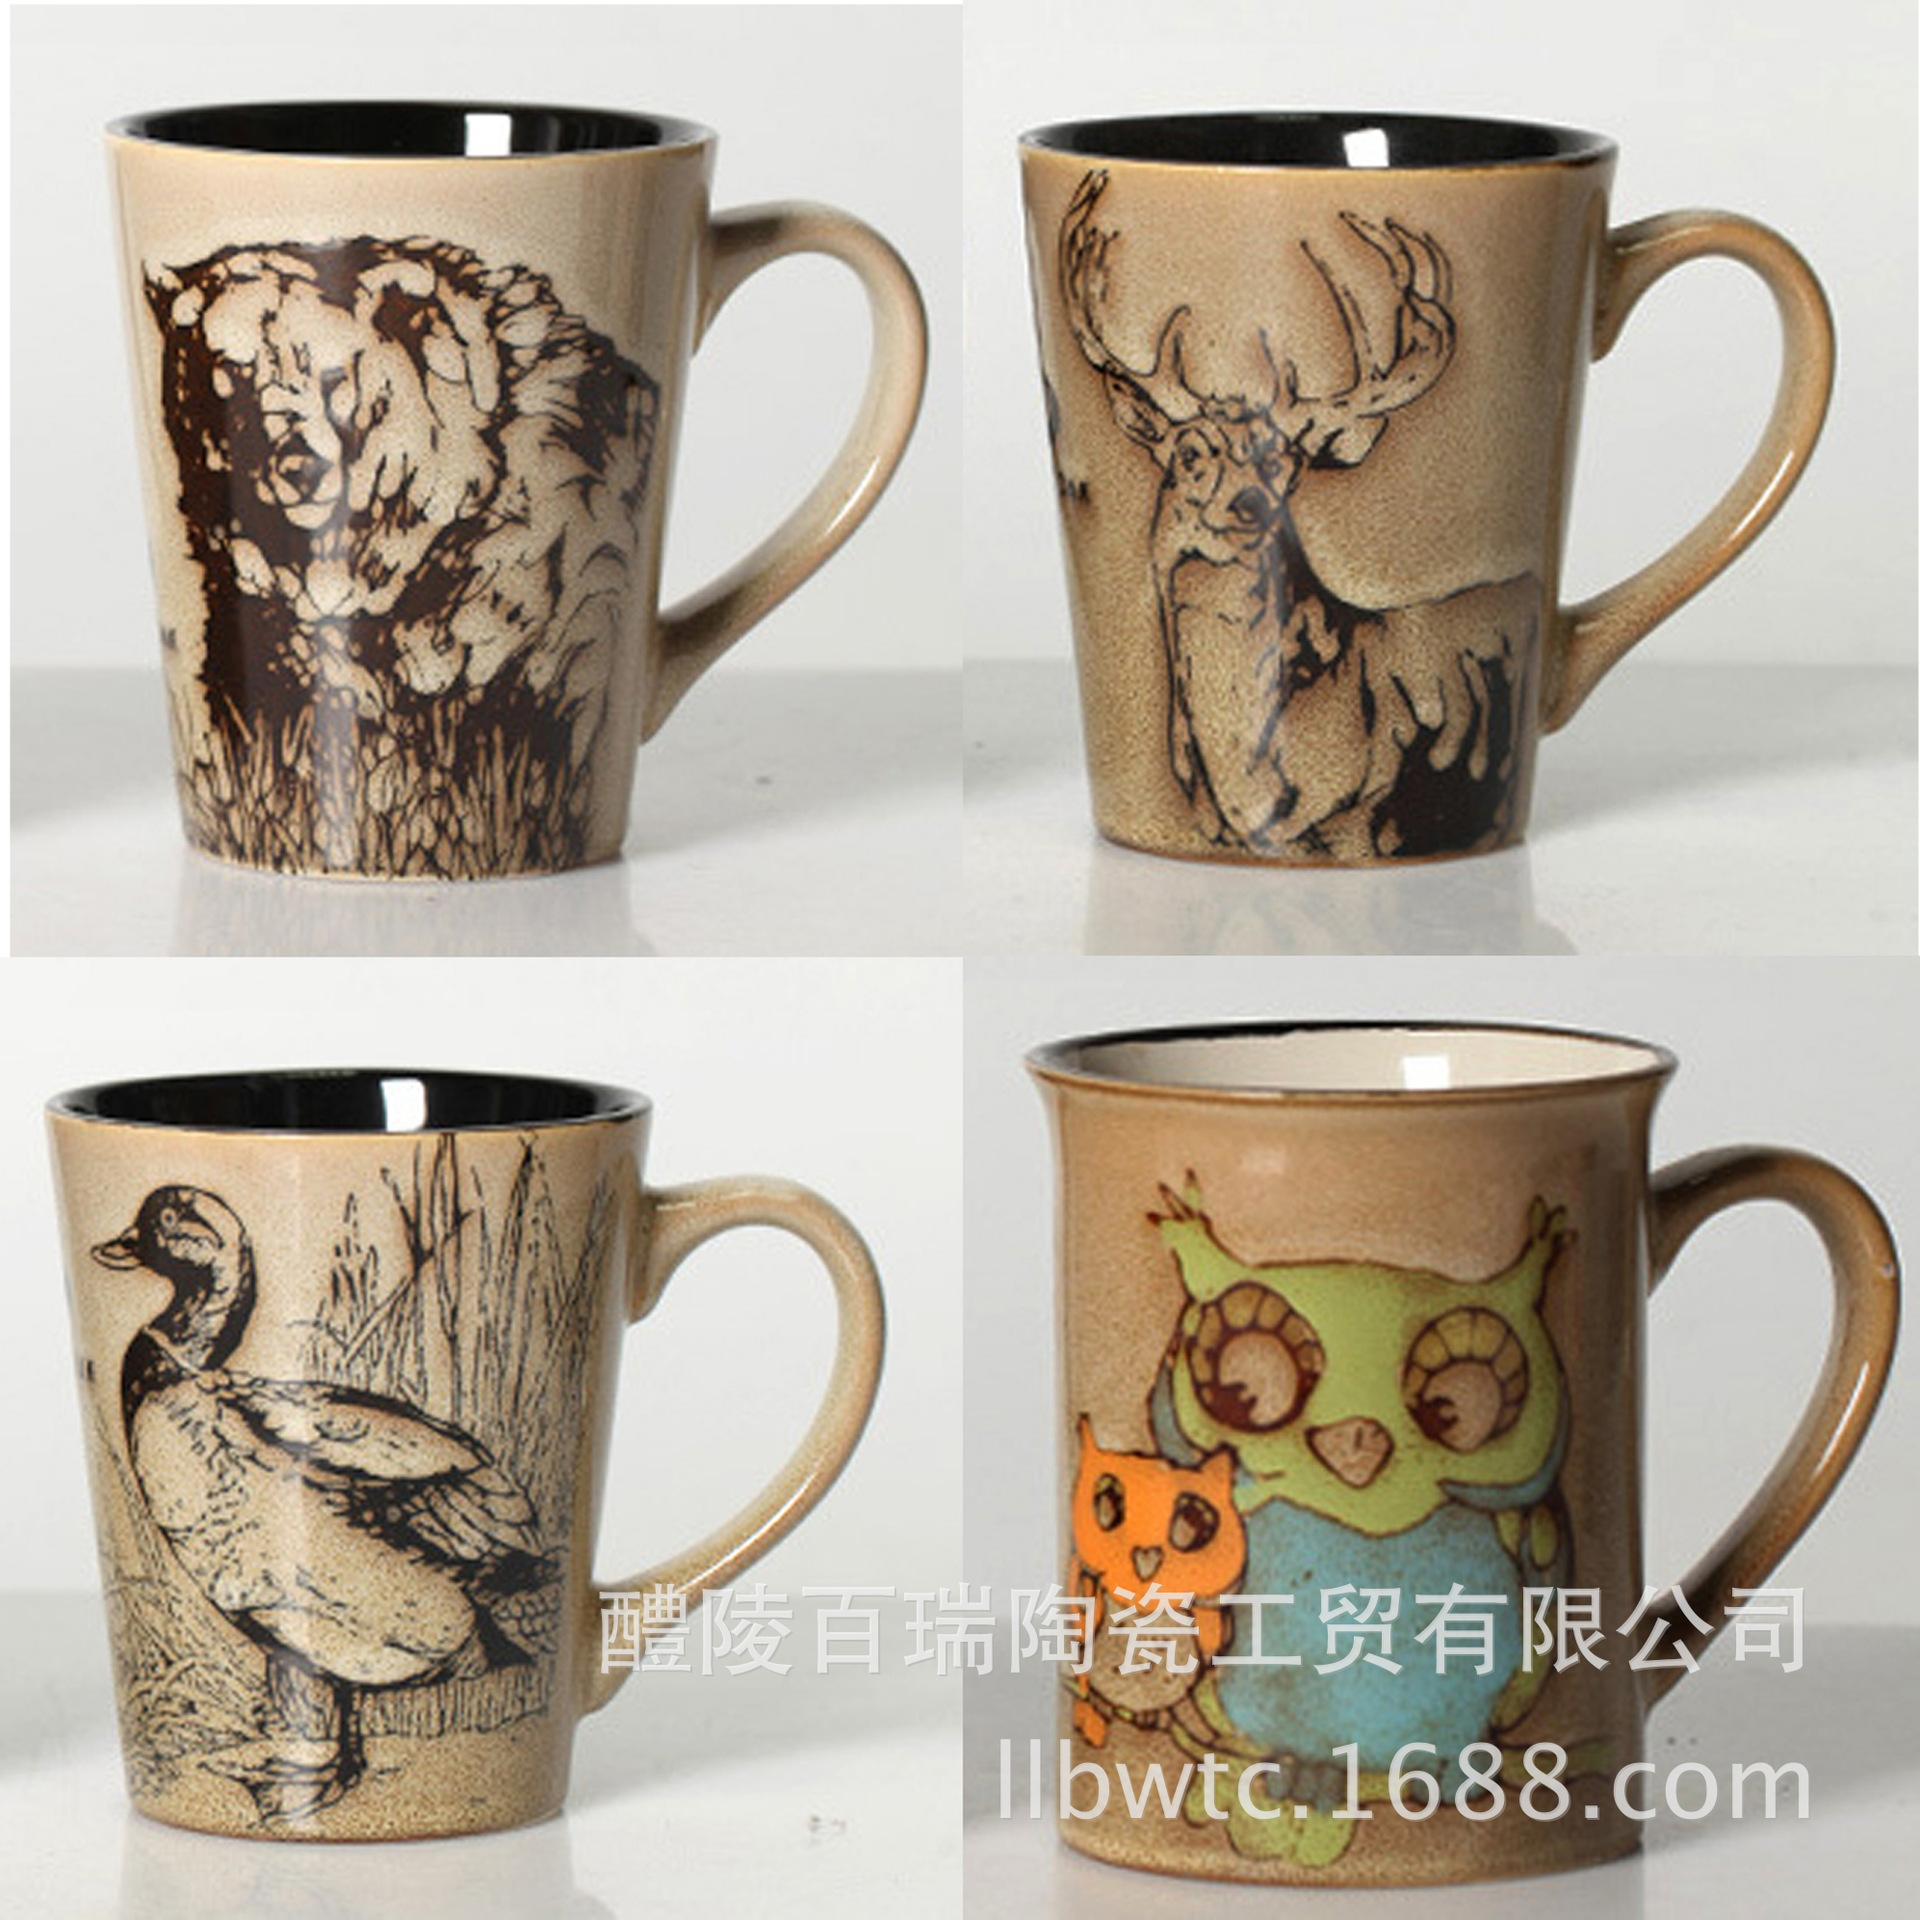 外贸尾单 高档库存陶瓷杯 创意出口浮雕动物手绘 牛奶咖啡马克杯